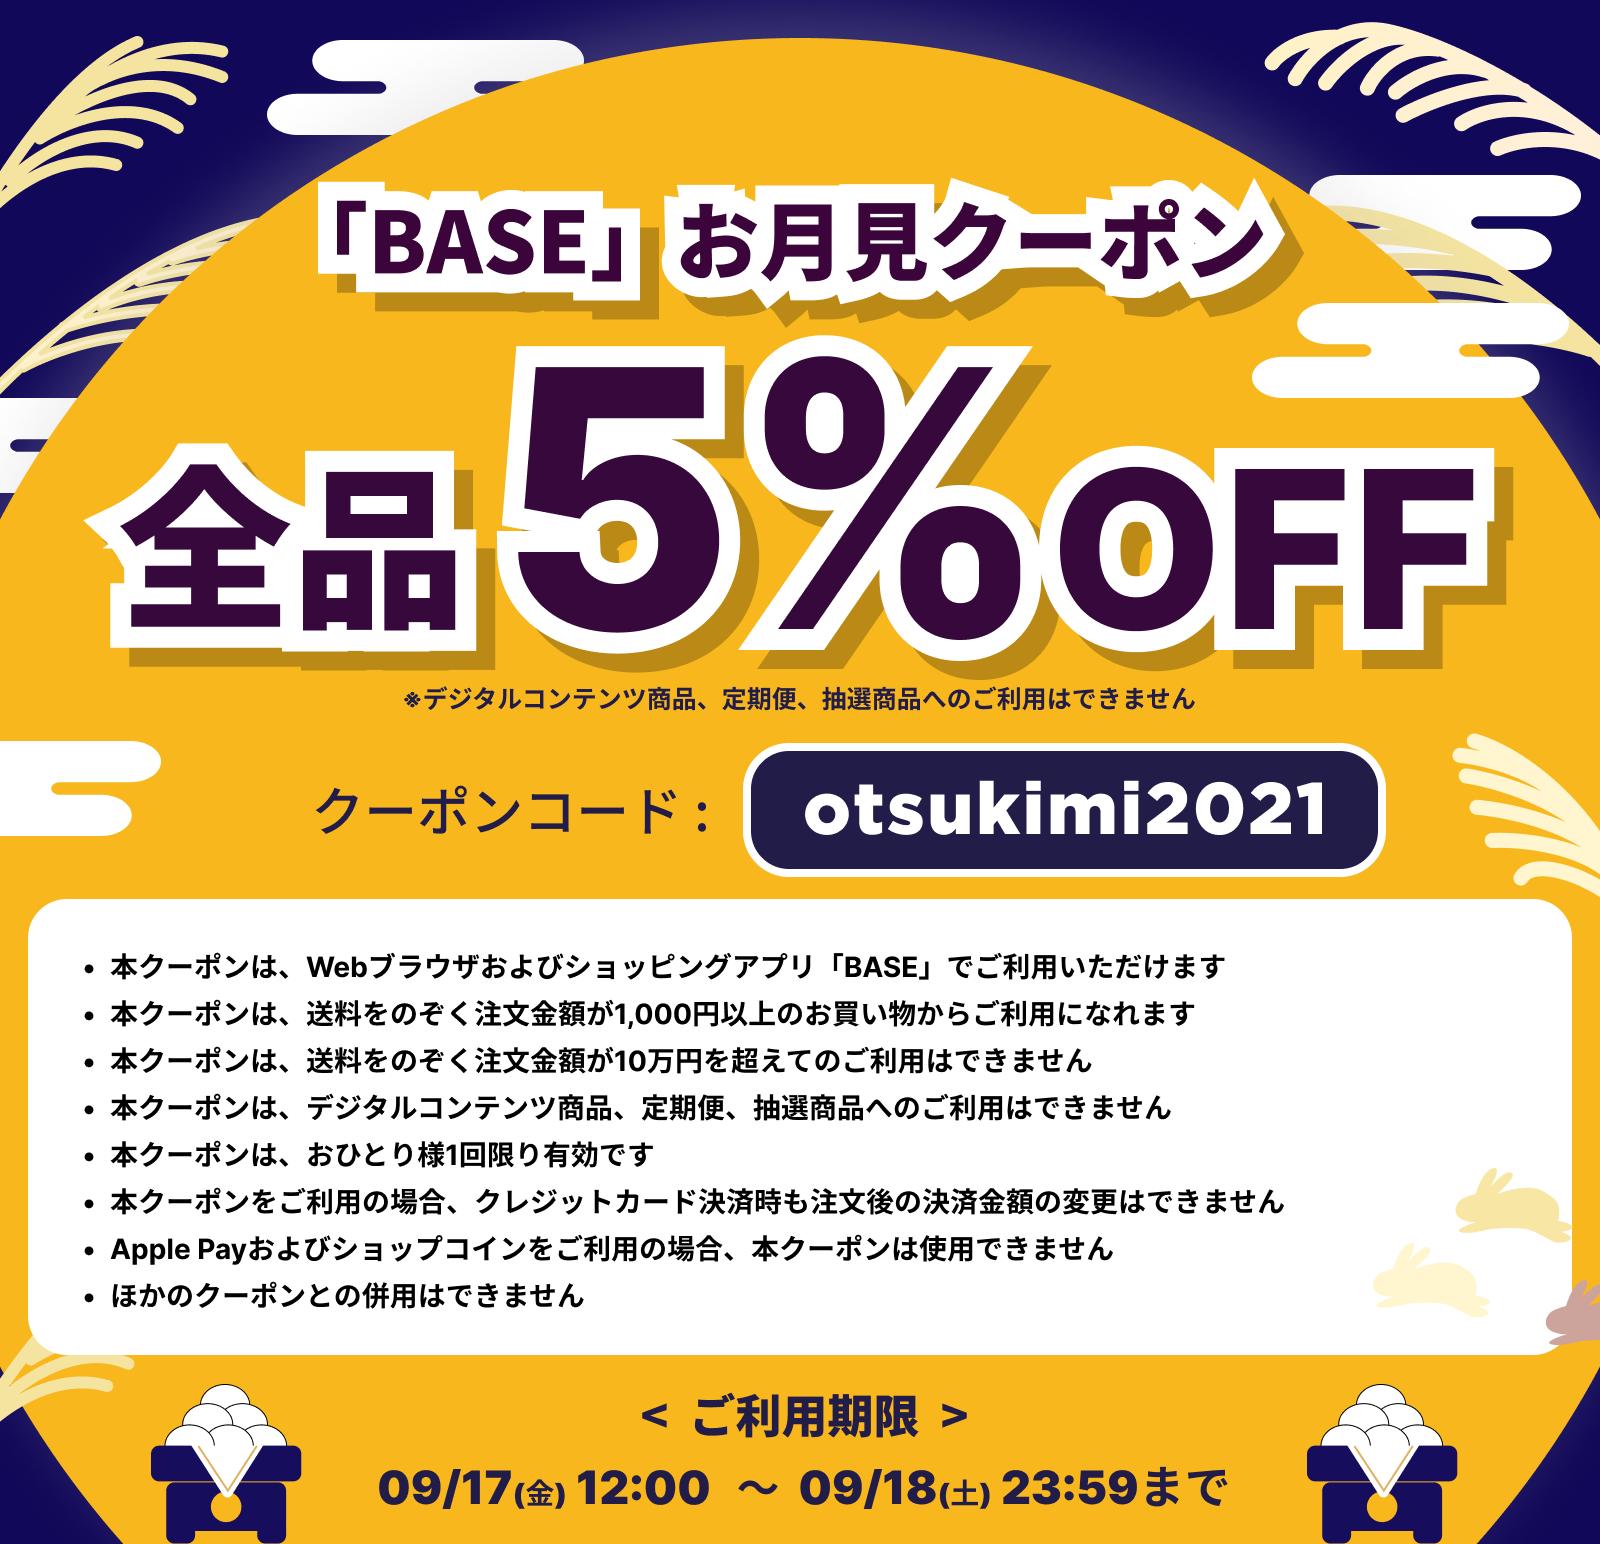 【9/17(金)-9/18(土)】2日間限定!全品5%OFFクーポン配布中!